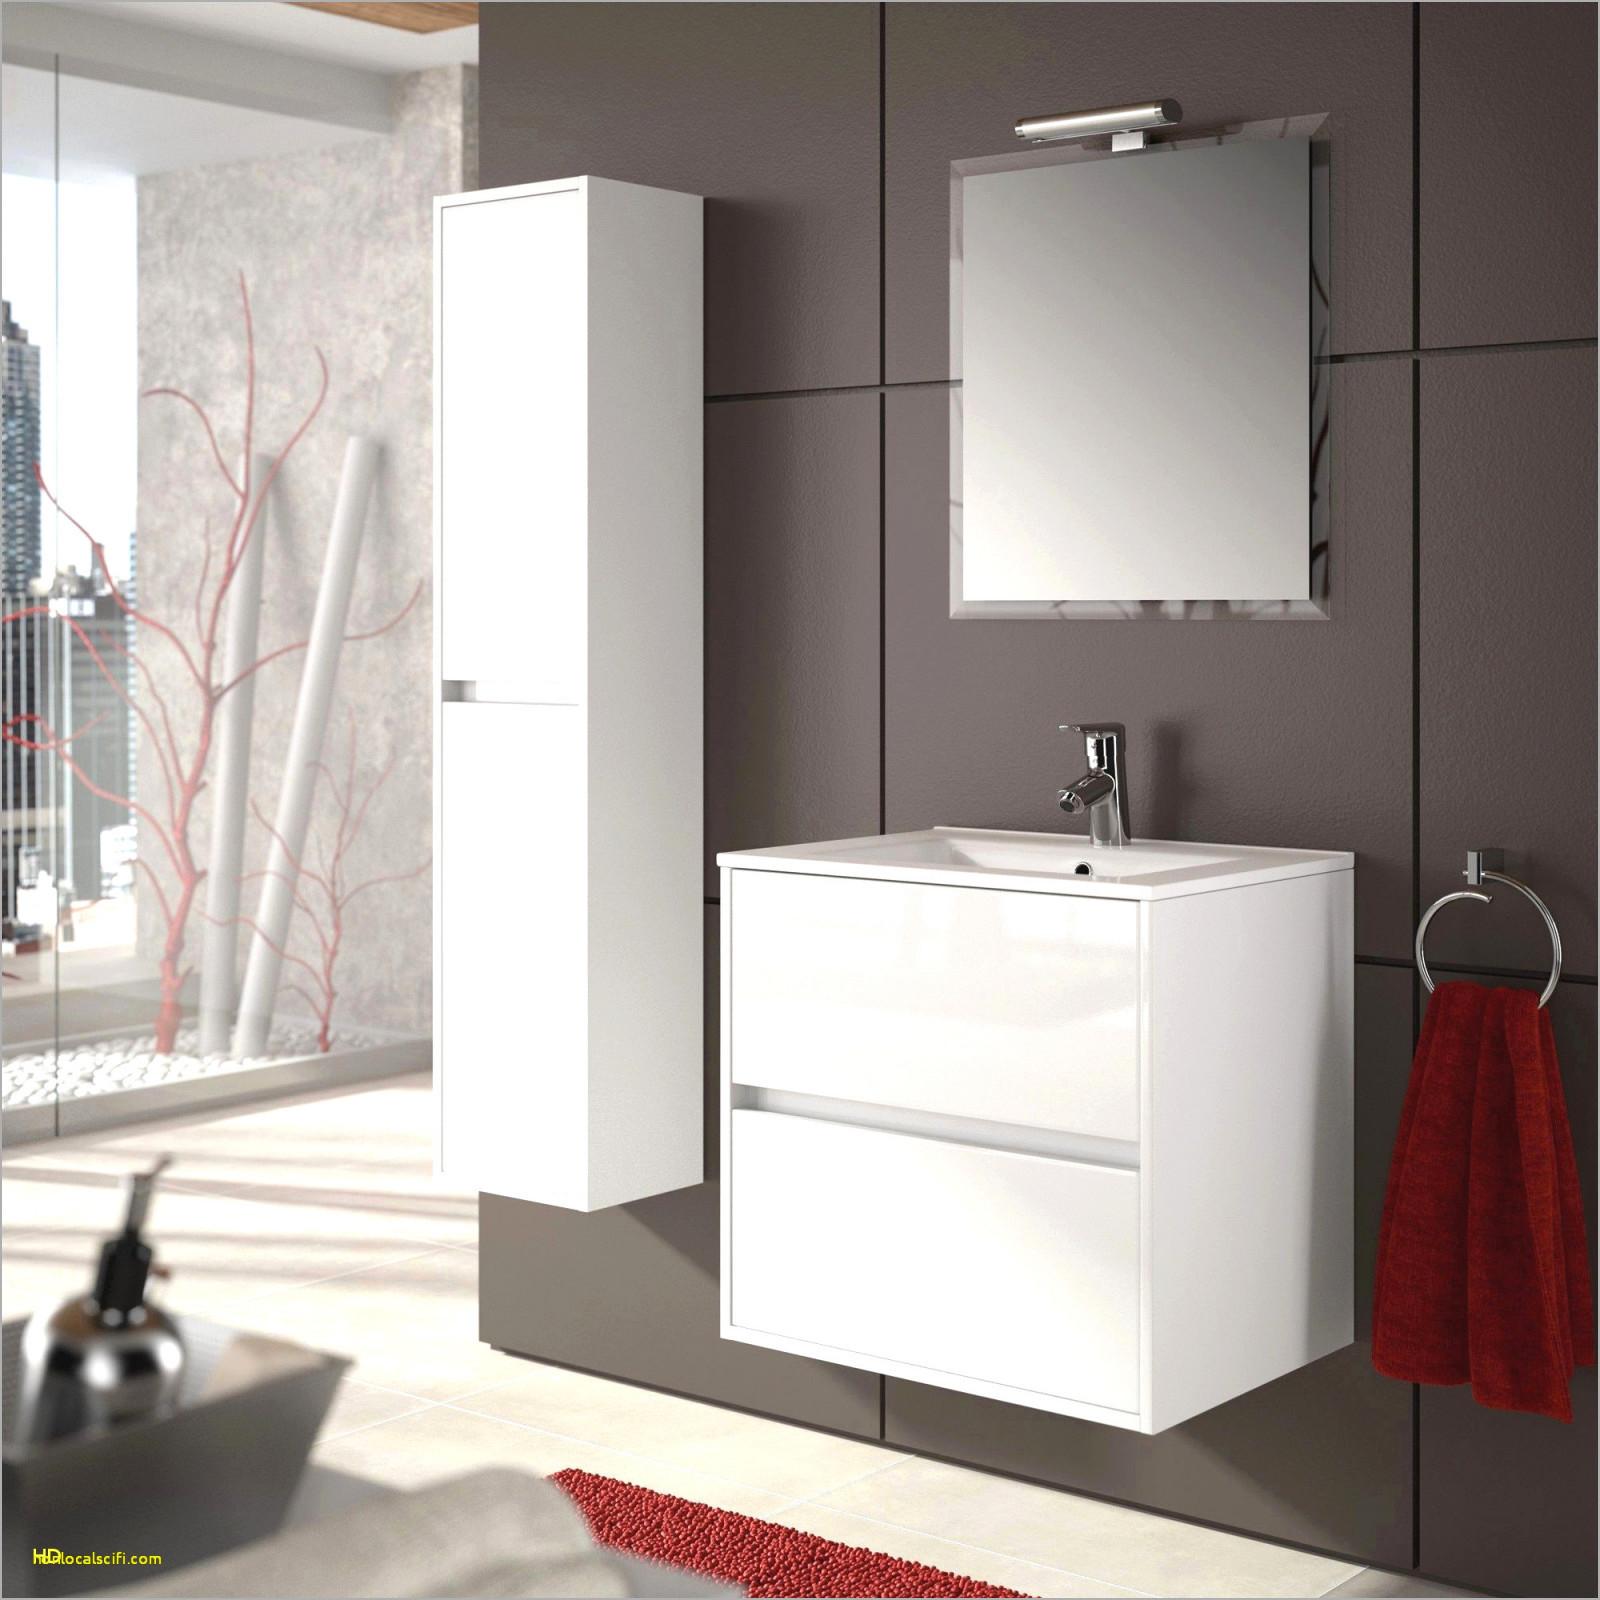 salle de bain marbre et bois de rassurant 35 inspirant vasque ceramique salle de bain of salle de bain marbre et bois